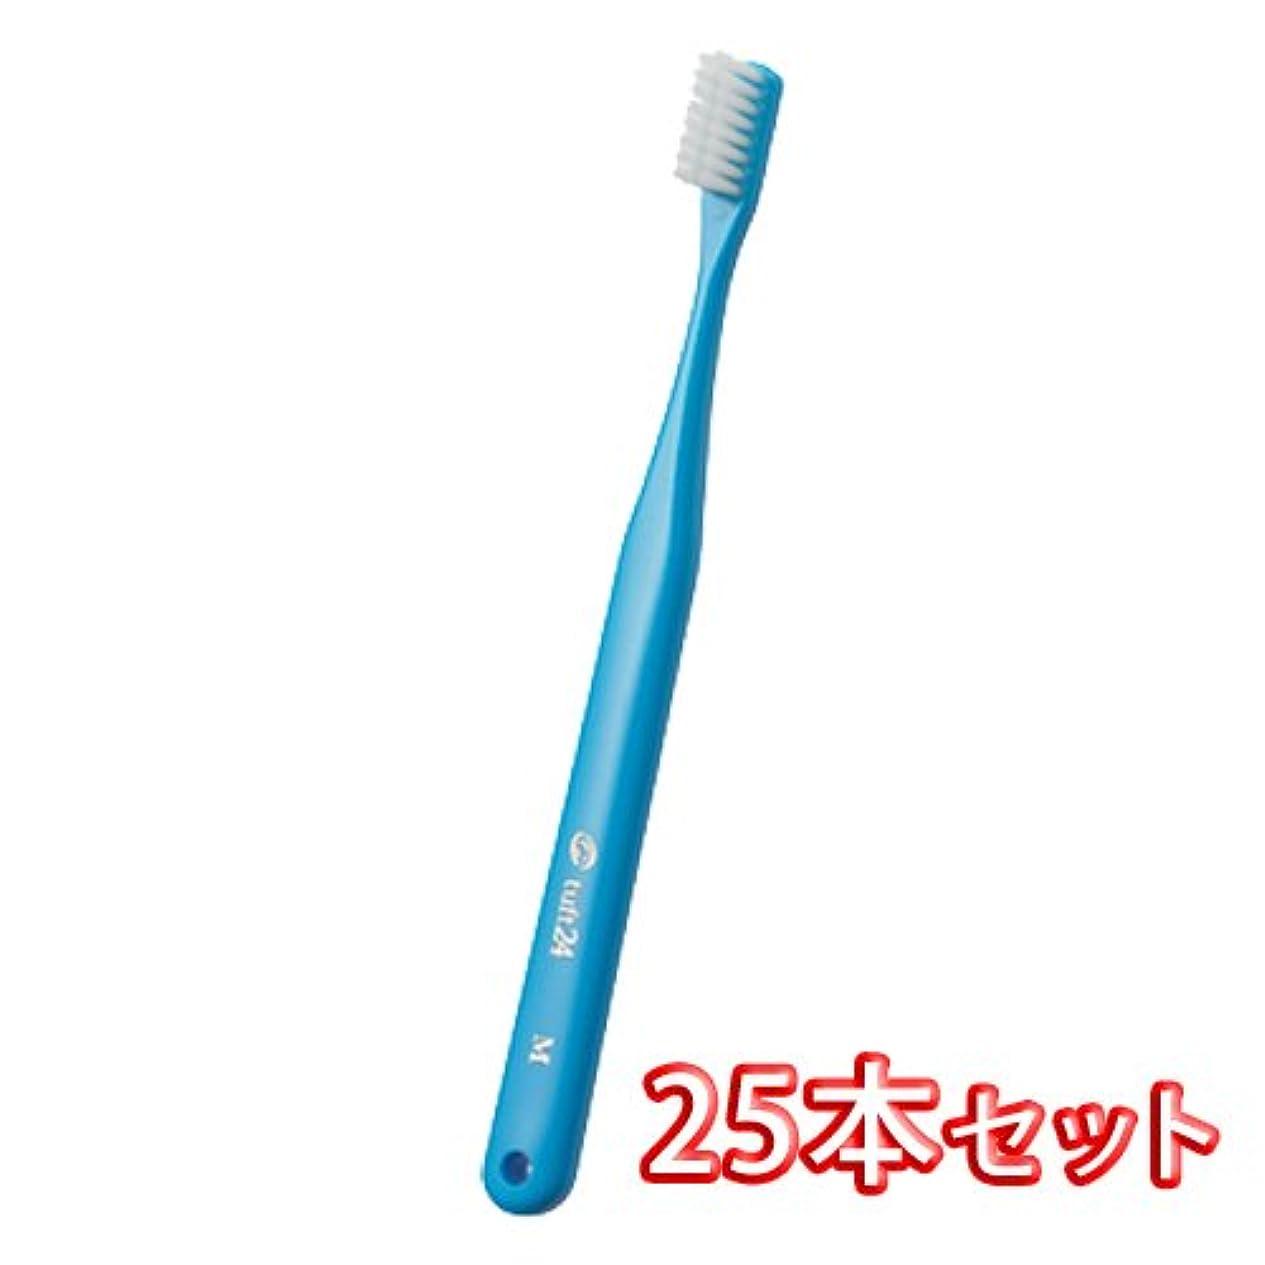 バケット習熟度授業料オーラルケア キャップ付き タフト 24歯ブラシ 25本入 ミディアム M (ブルー)